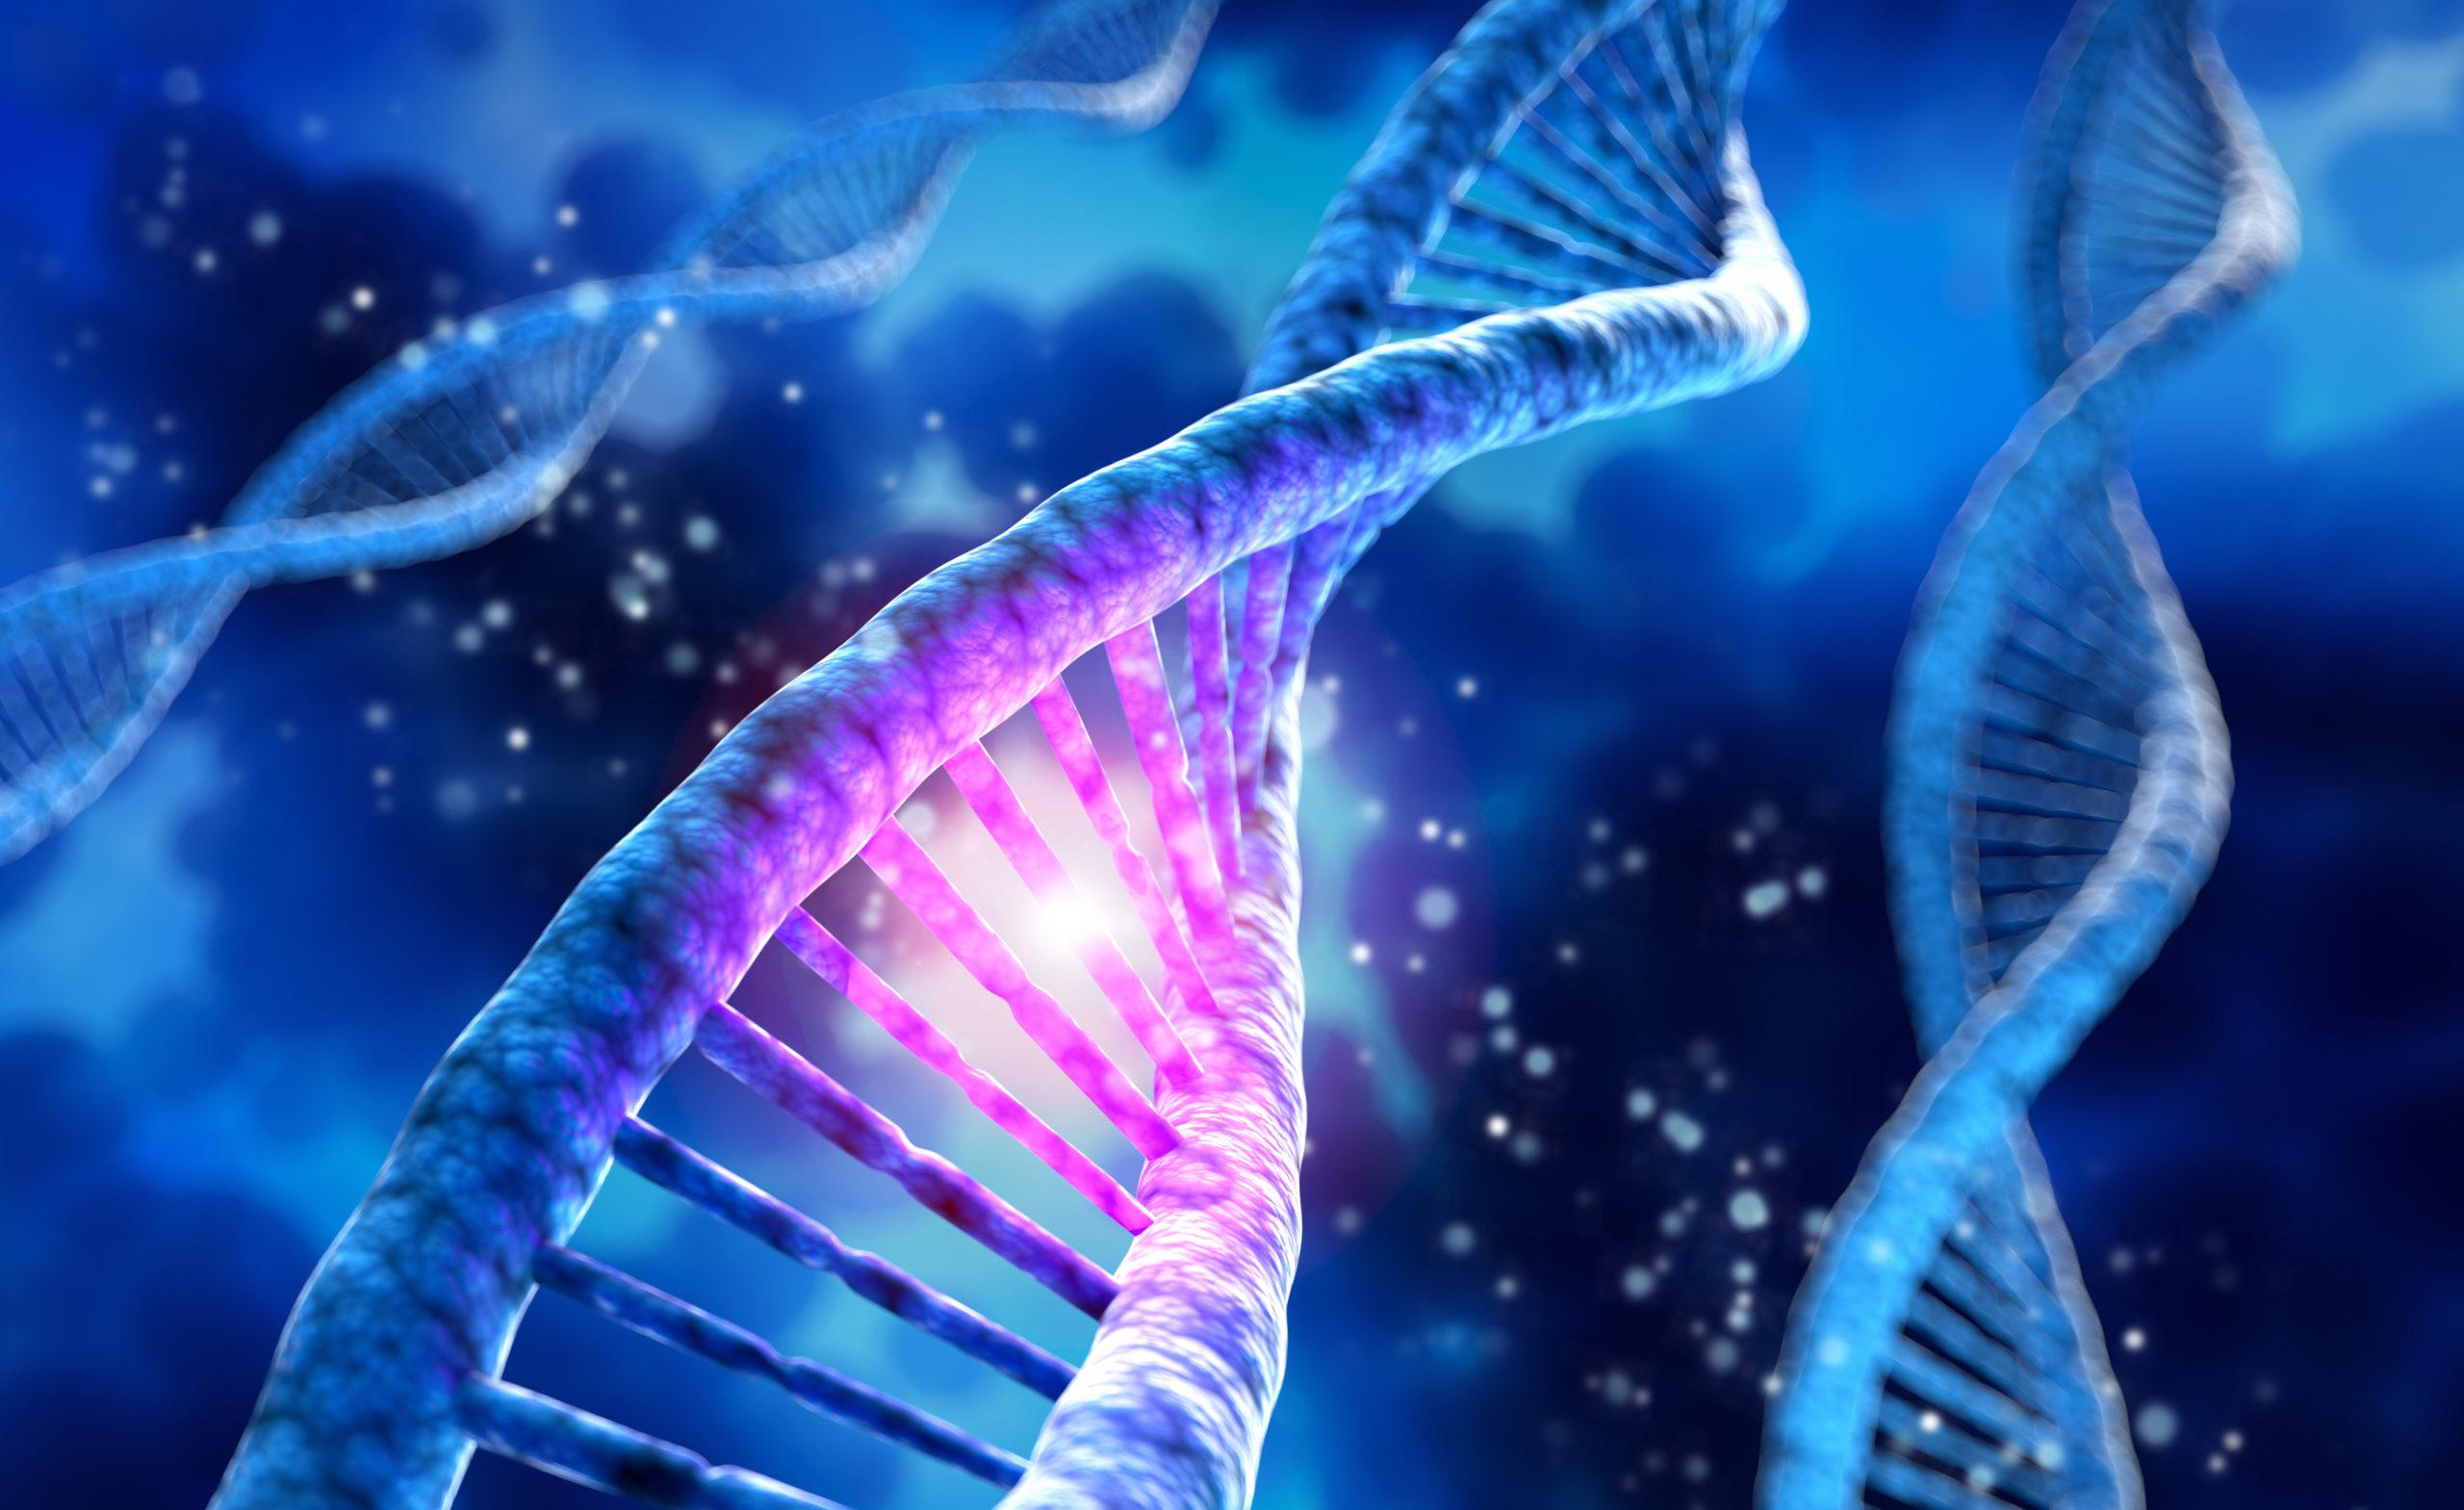 médecine génomique